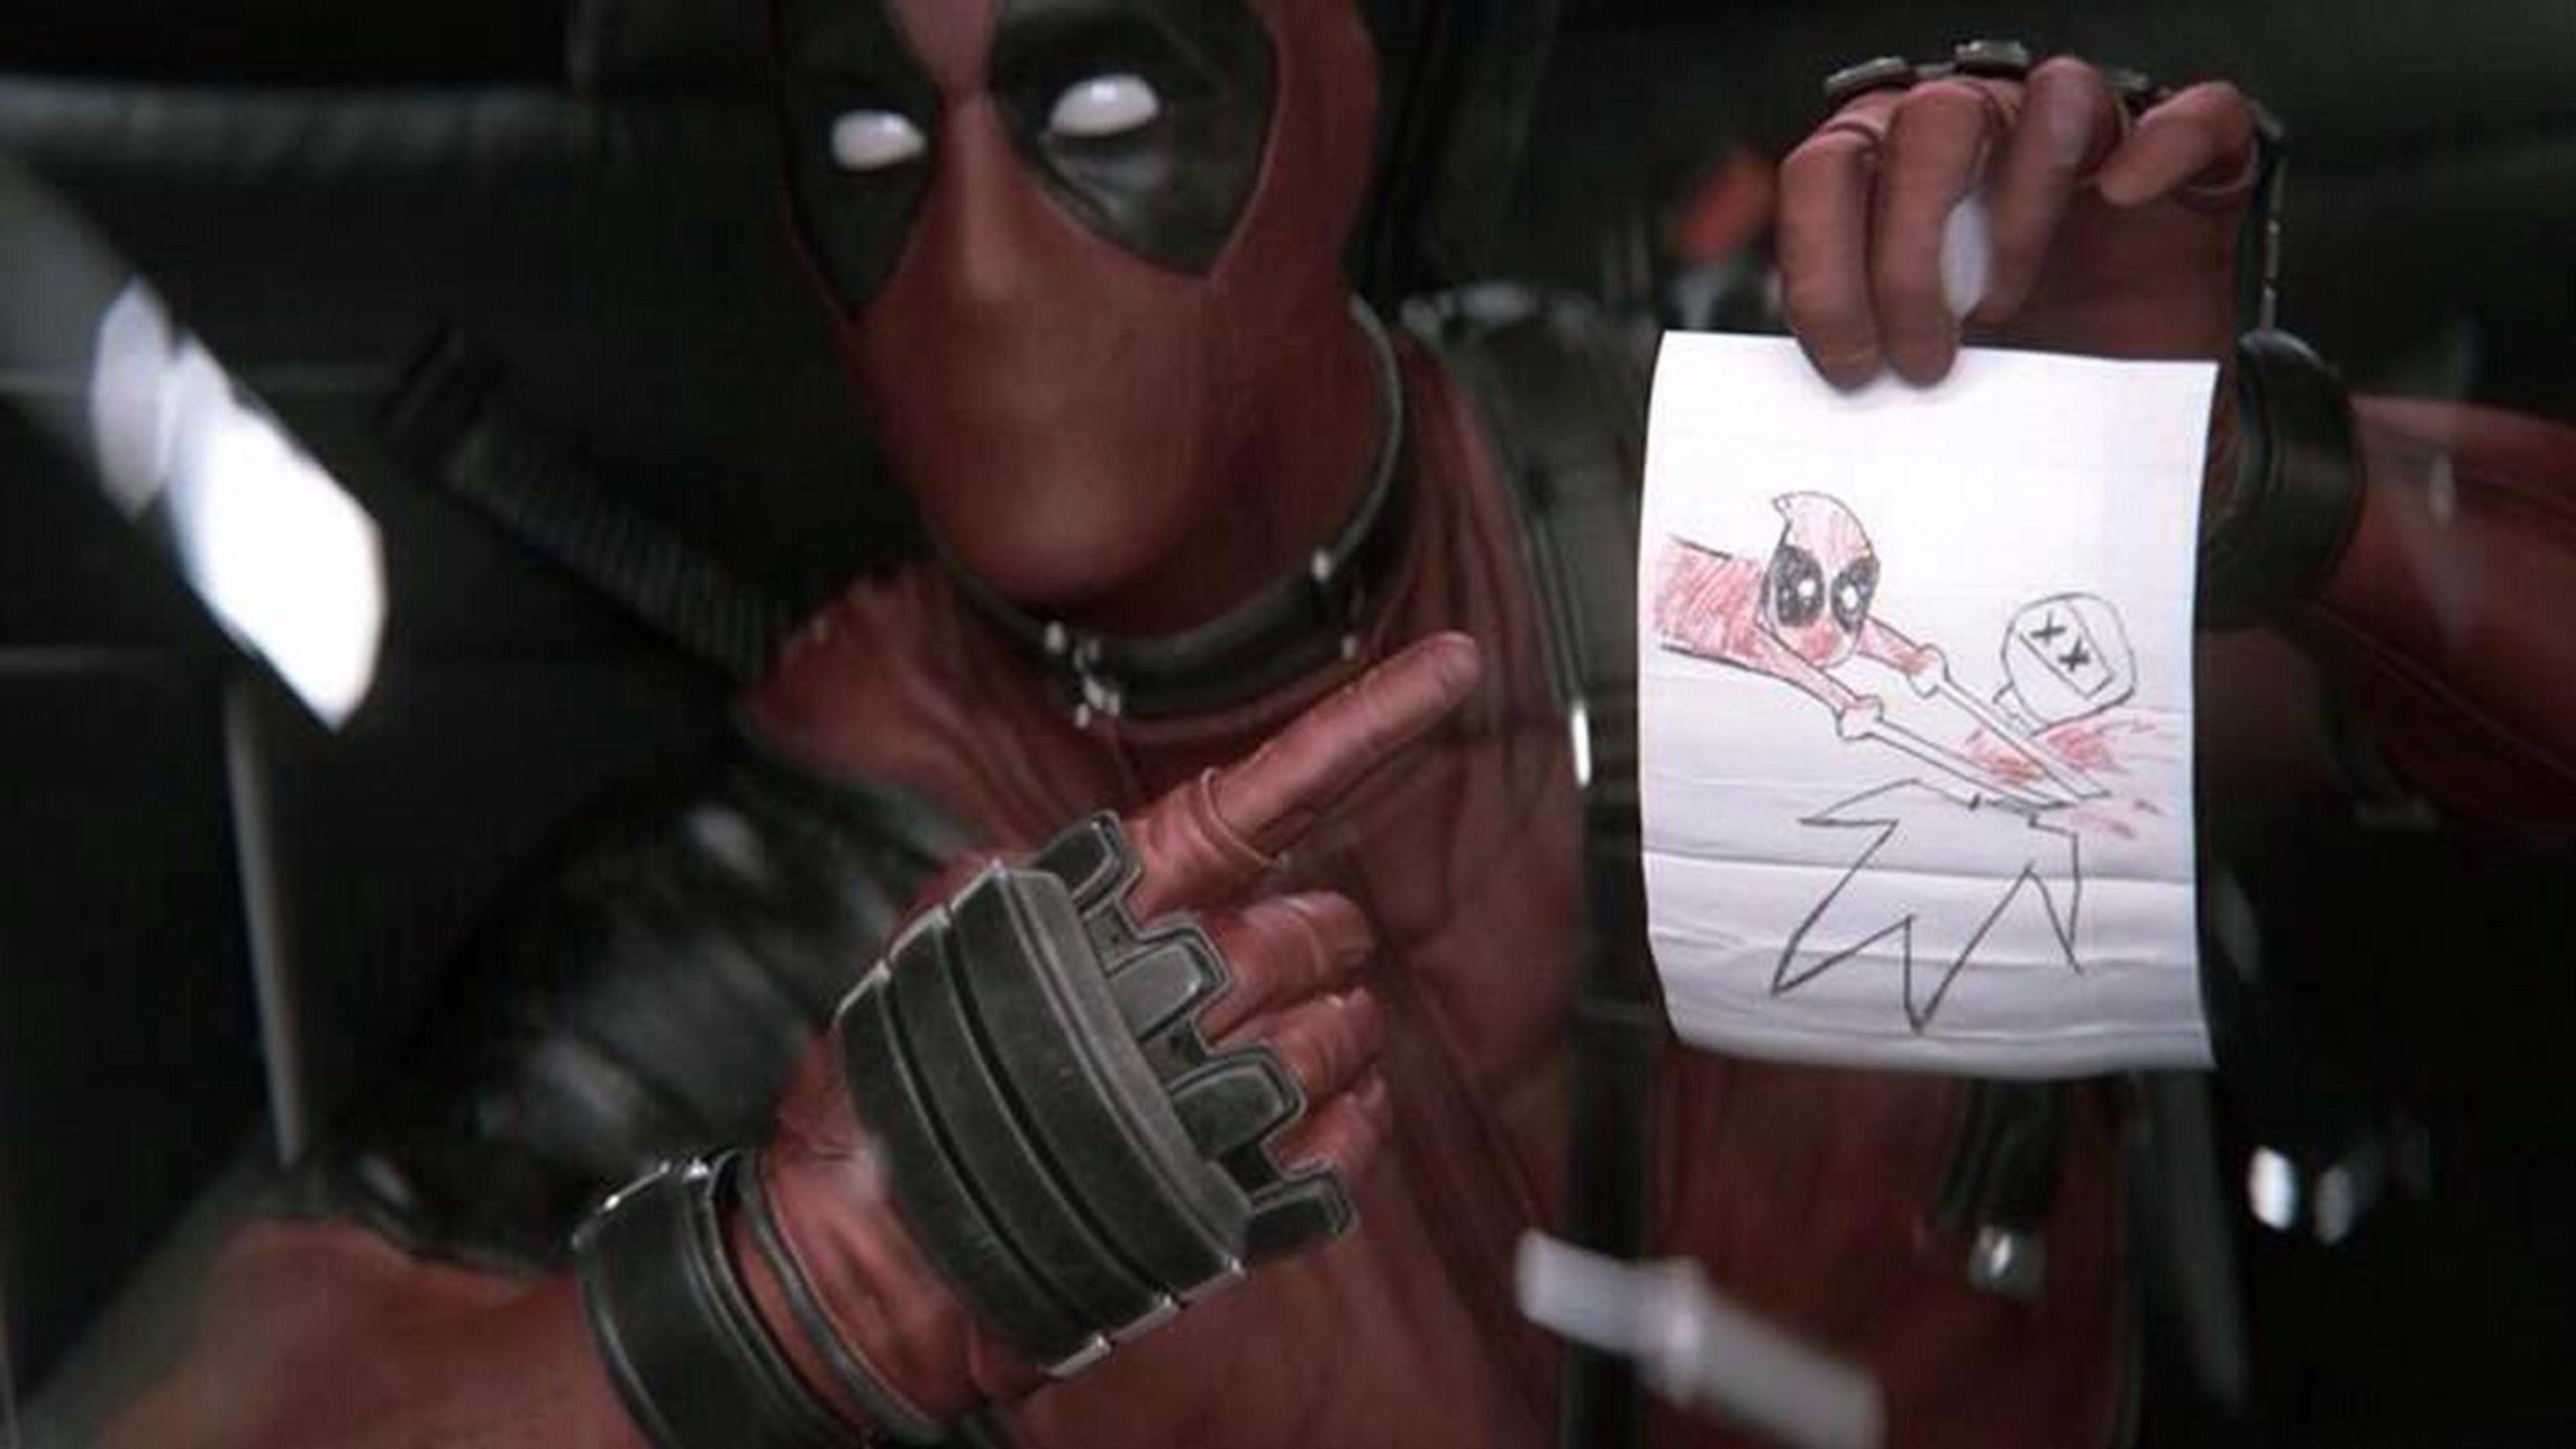 Download Wallpaper Movie Deadpool - 109550  Gallery_773425.jpg